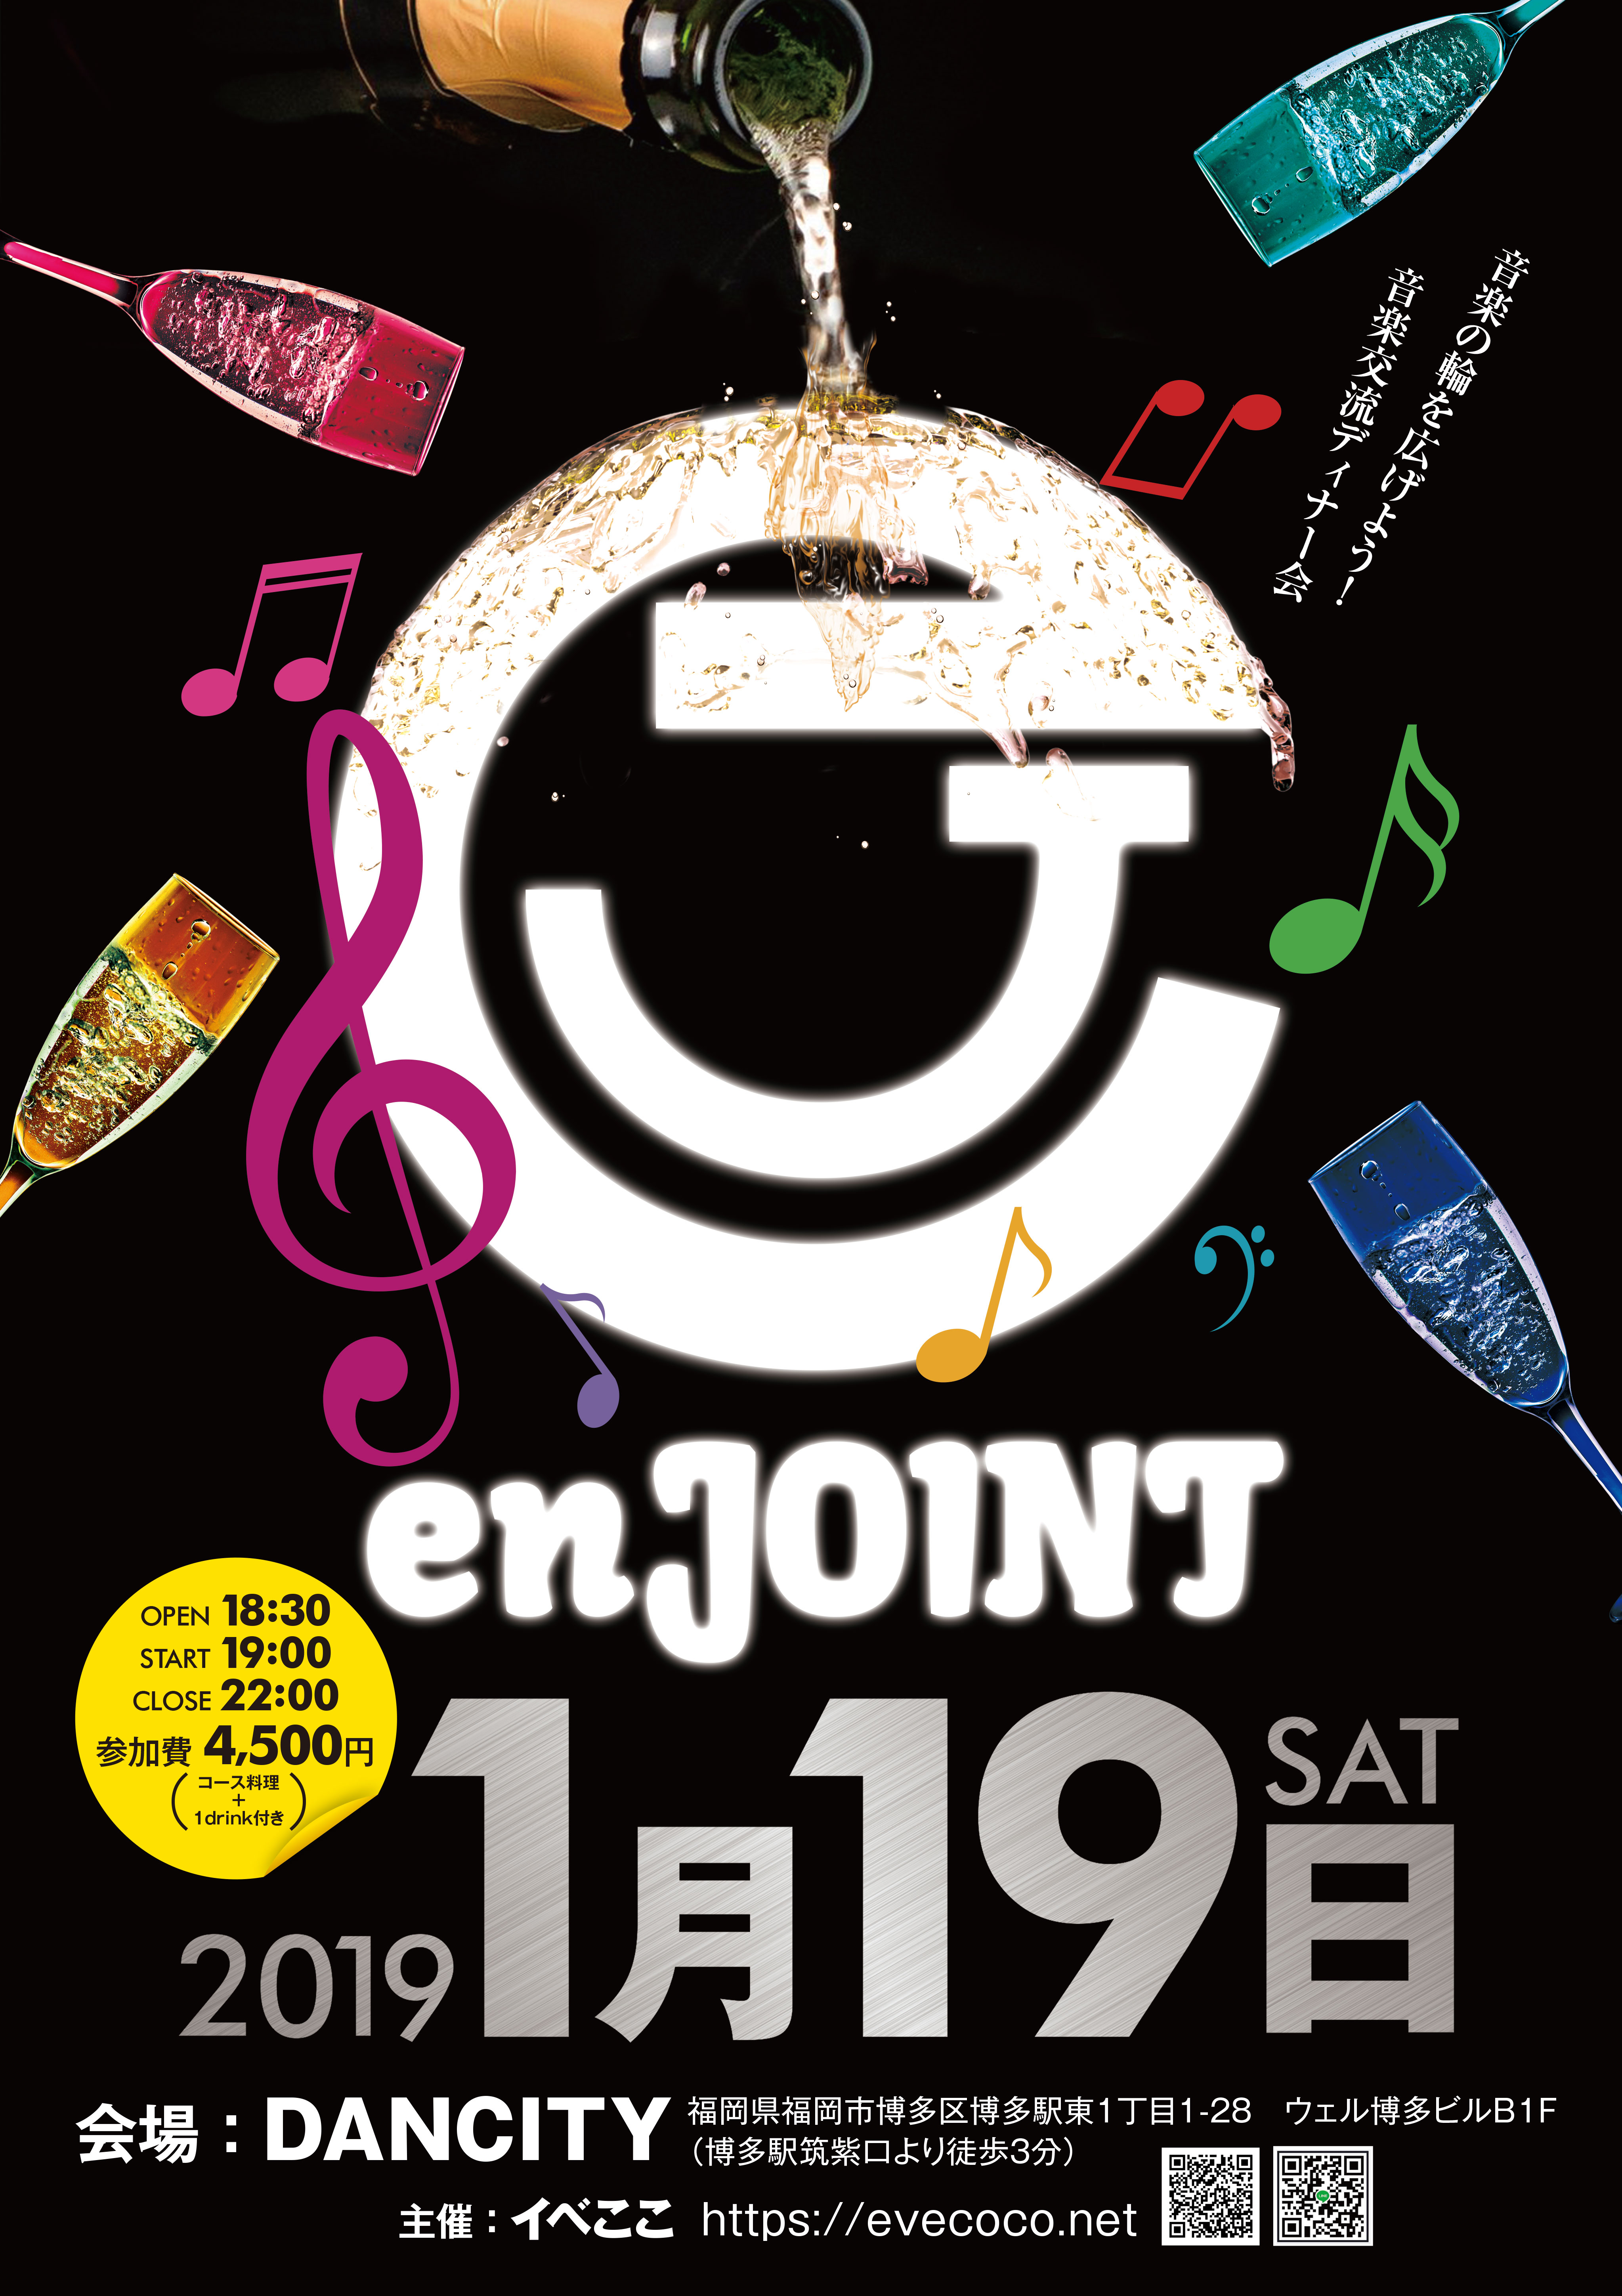 音楽交流ディナー会『enJOINT vol.0』